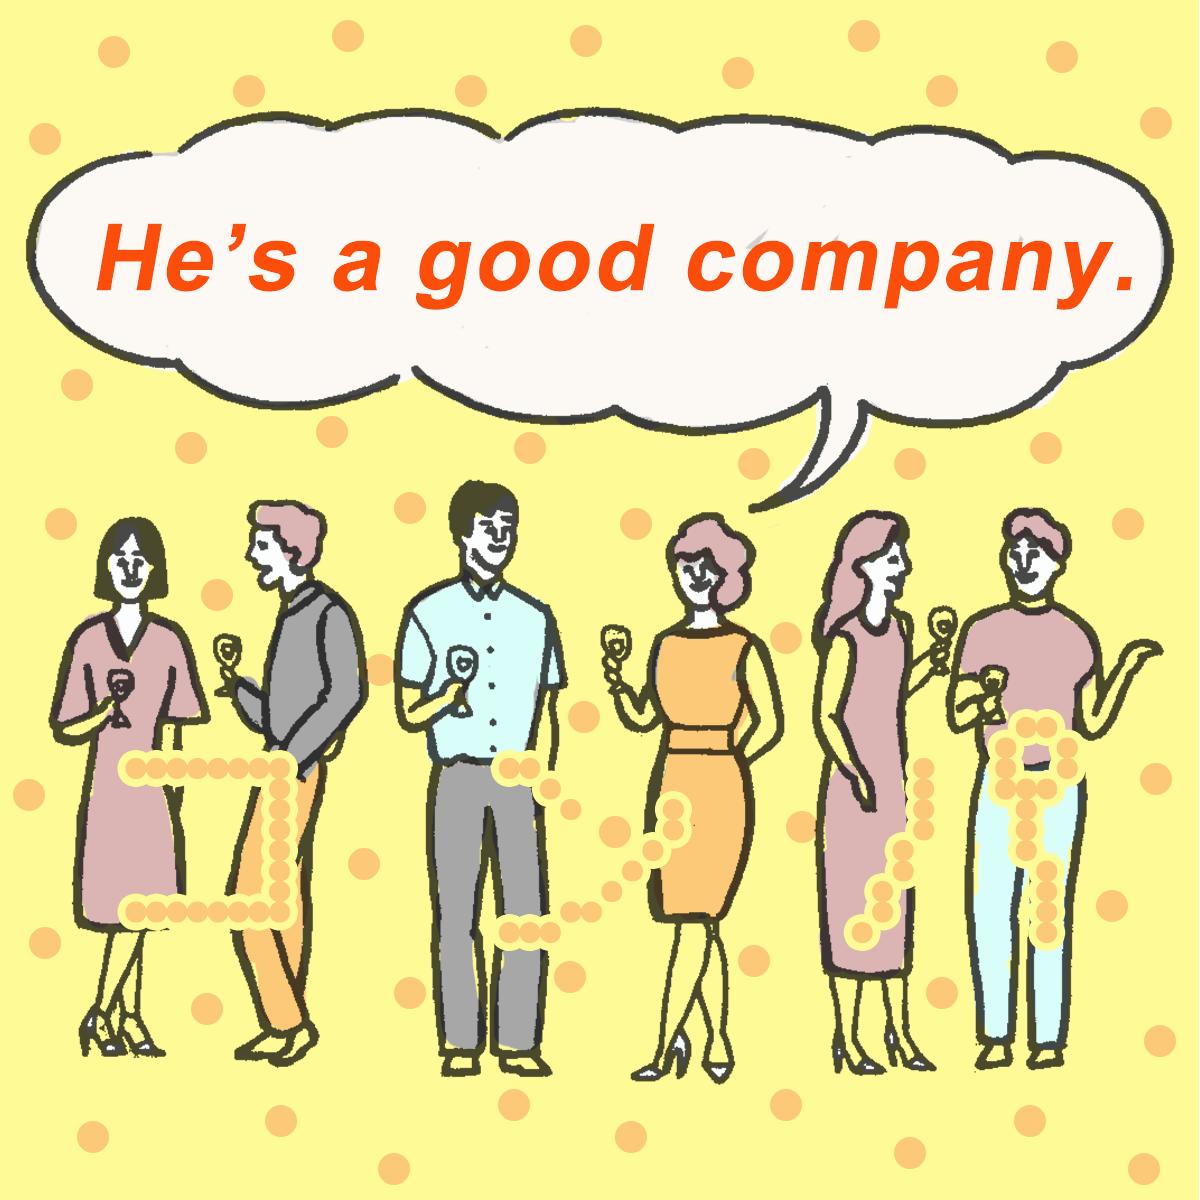 「コンパ」から学ぶ<br>He's a good company.